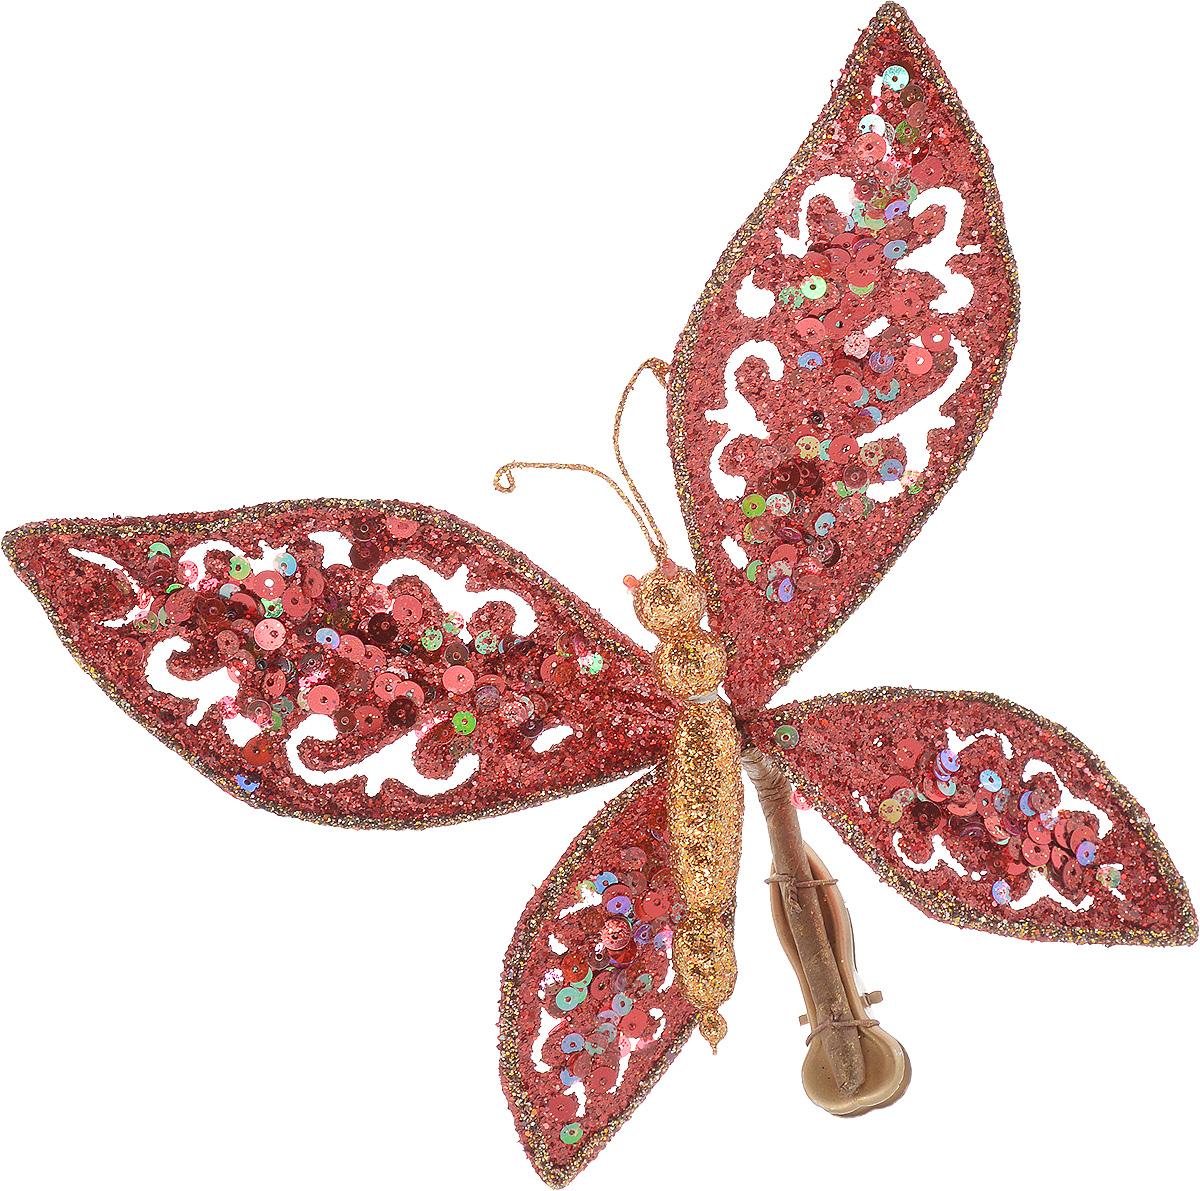 Украшение новогоднее Lovemark Бабочка ажурная, на клипсе, цвет: красный, бронзовый, длина 19 смN09343Новогоднее подвесное украшение Lovemark Бабочка ажурная прекрасно подойдет для праздничного декора новогодней ели и украшения интерьера. Изделие в виде бабочки декорировано пайетками и дополнено сверкающими блестками. Для размещения предусмотрена клипса. Елочная игрушка - символ Нового года. Она несет в себе волшебство и красоту праздника. Создайте в своем доме атмосферу веселья и радости, украшая новогоднюю елку нарядными игрушками, которые будут из года в год накапливать теплоту воспоминаний. Откройте для себя удивительный мир сказок и грез. Почувствуйте волшебные минуты ожидания праздника, создайте новогоднее настроение вашим дорогим и близким.